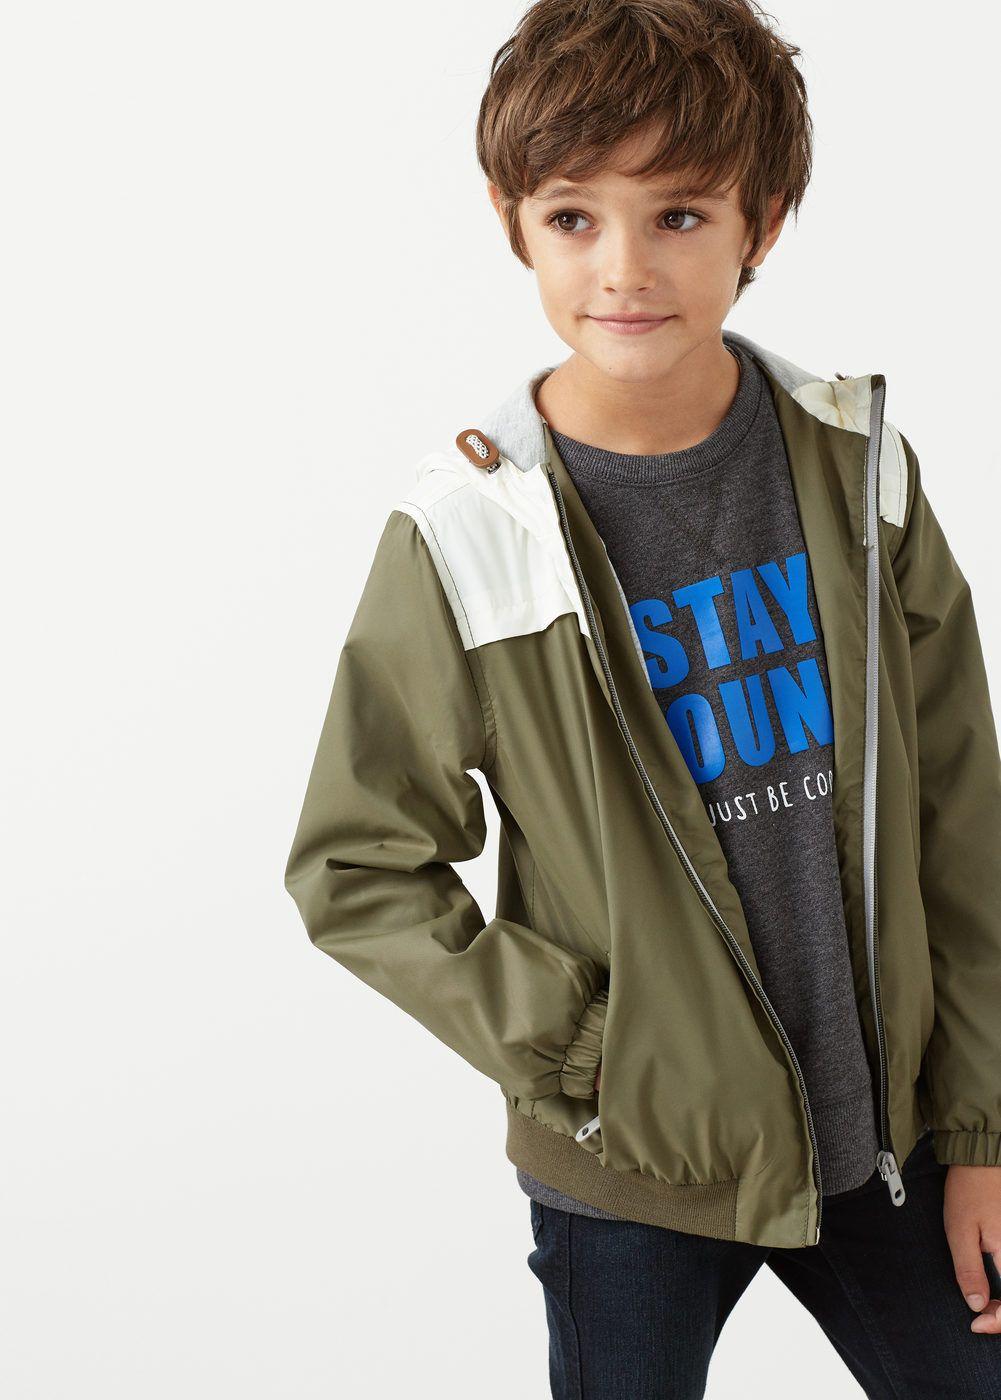 100% de alta calidad bajo costo 50% rebajado Chaqueta panel contraste - Niño   Kids wear   Chaquetas ...